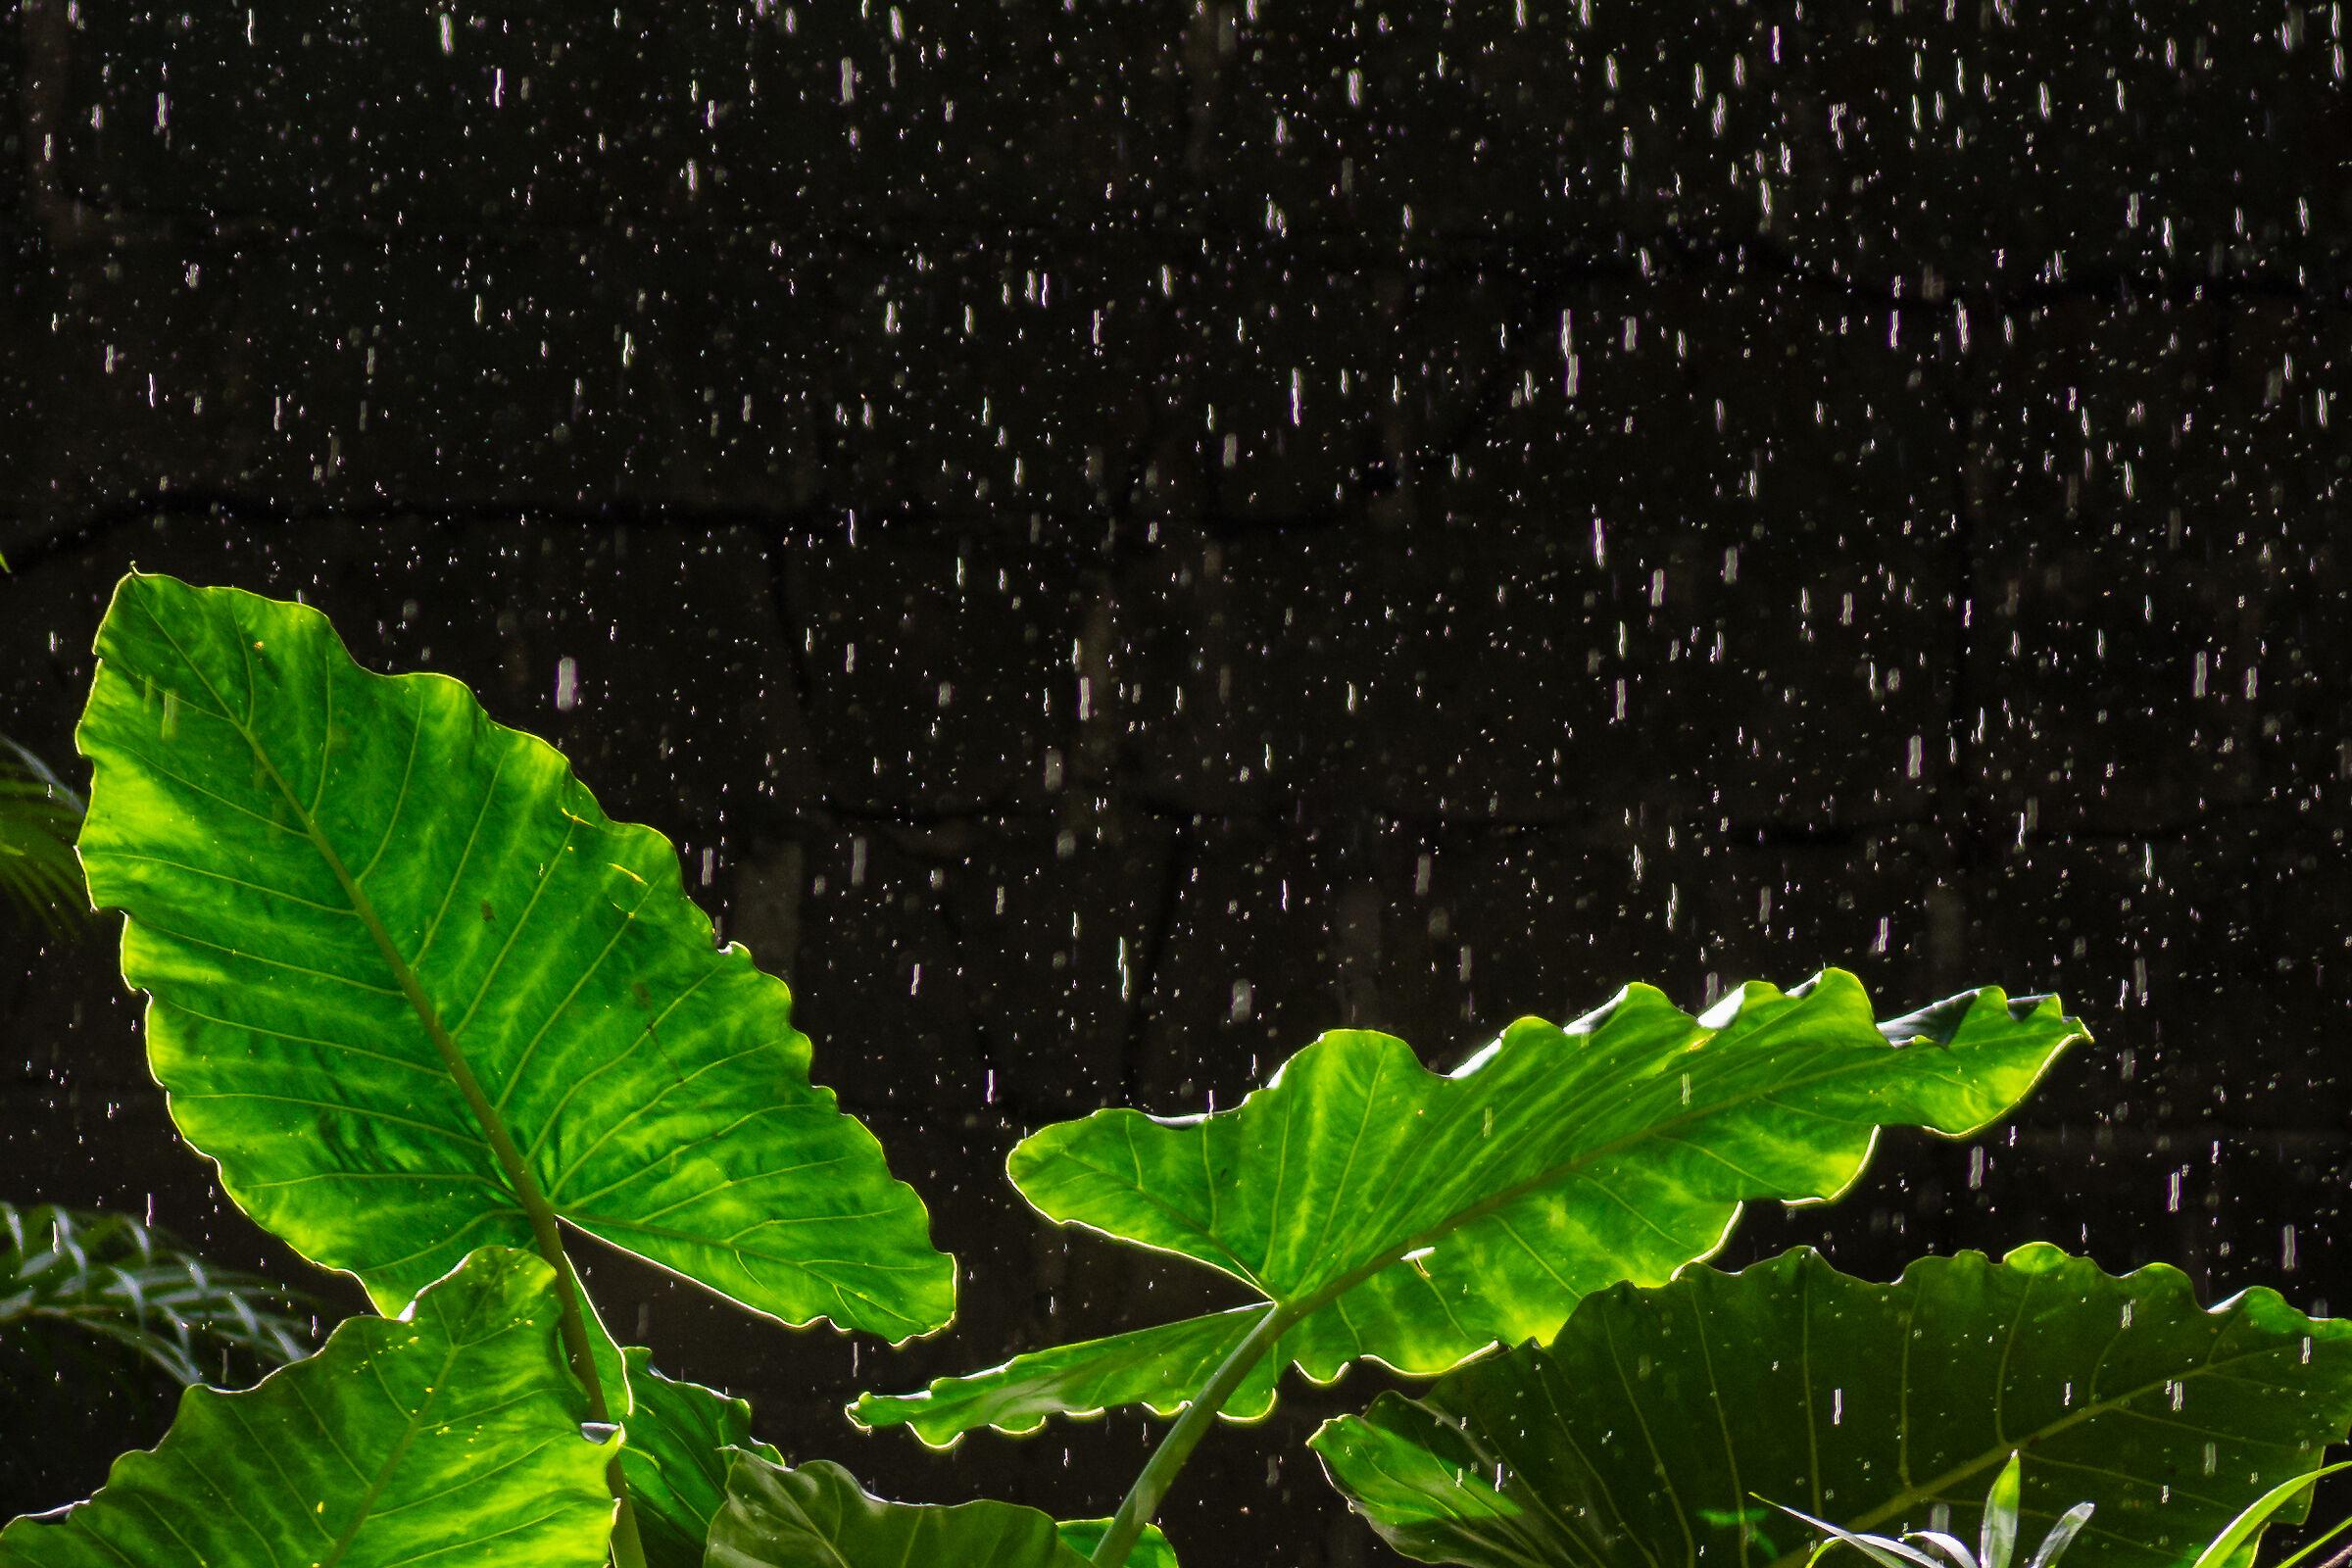 Sun and rain...